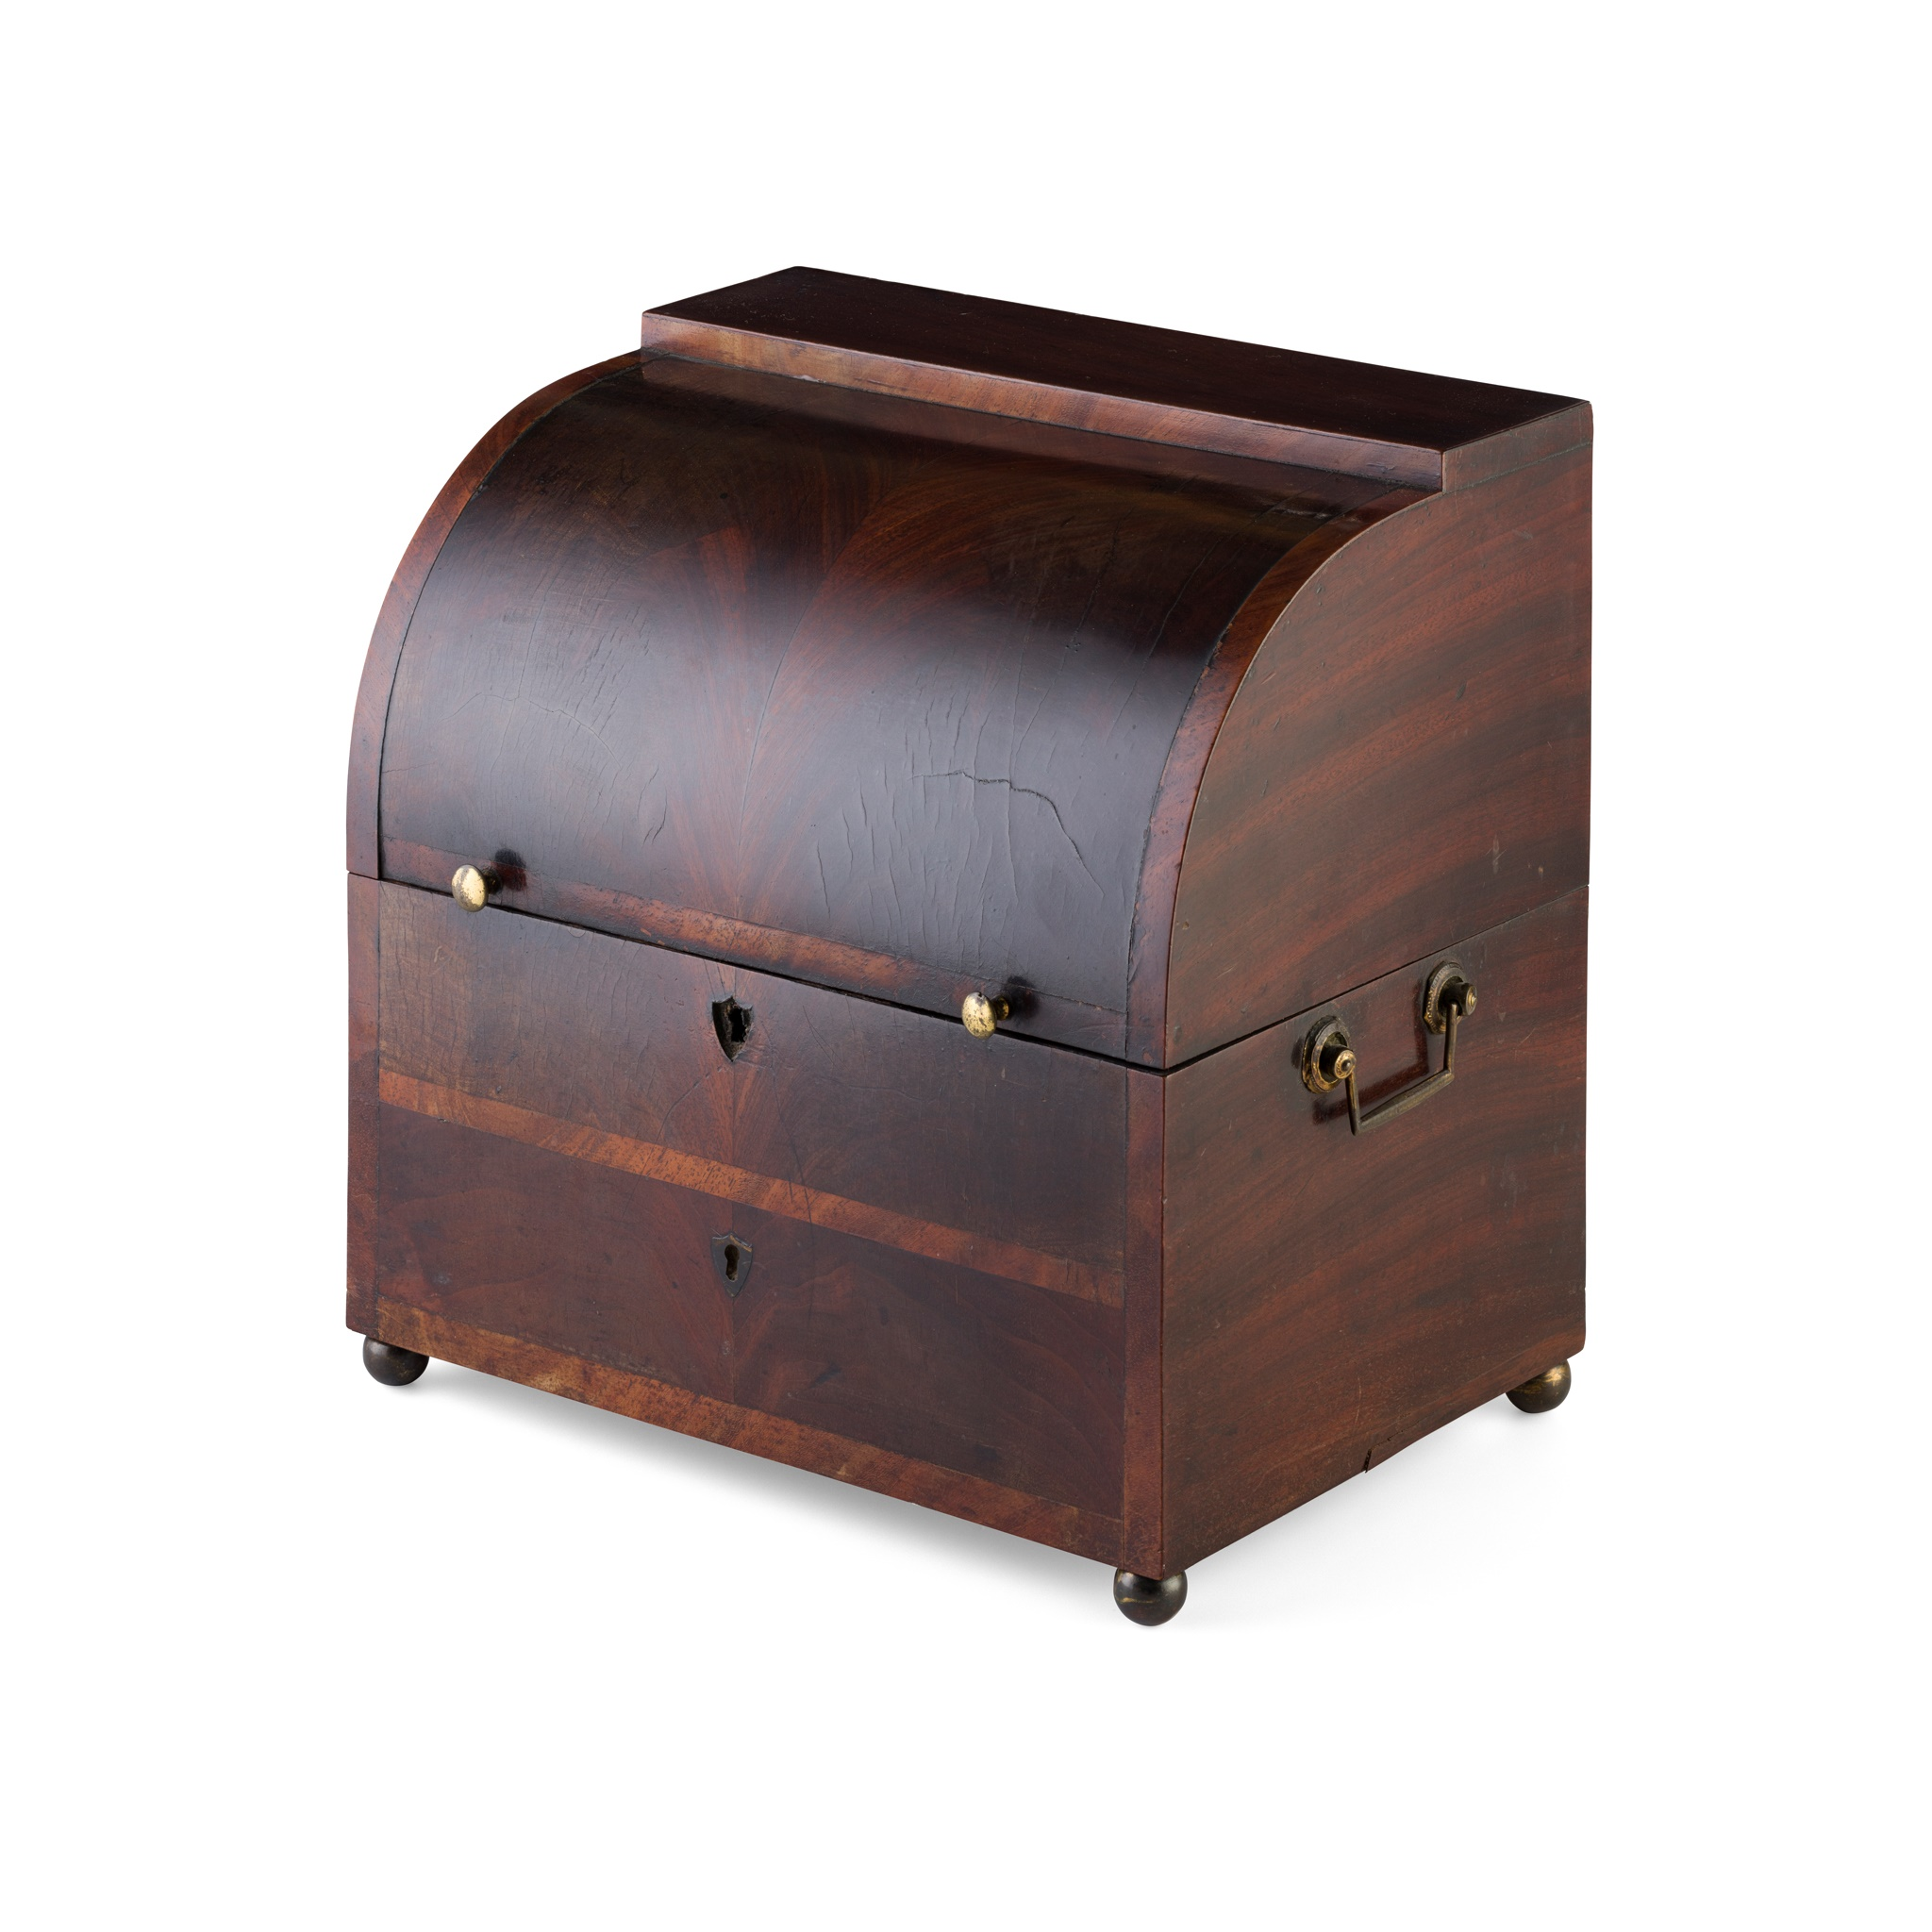 REGENCY MAHOGANY DECANTER BOX EARLY 19TH CENTURY - Image 2 of 2